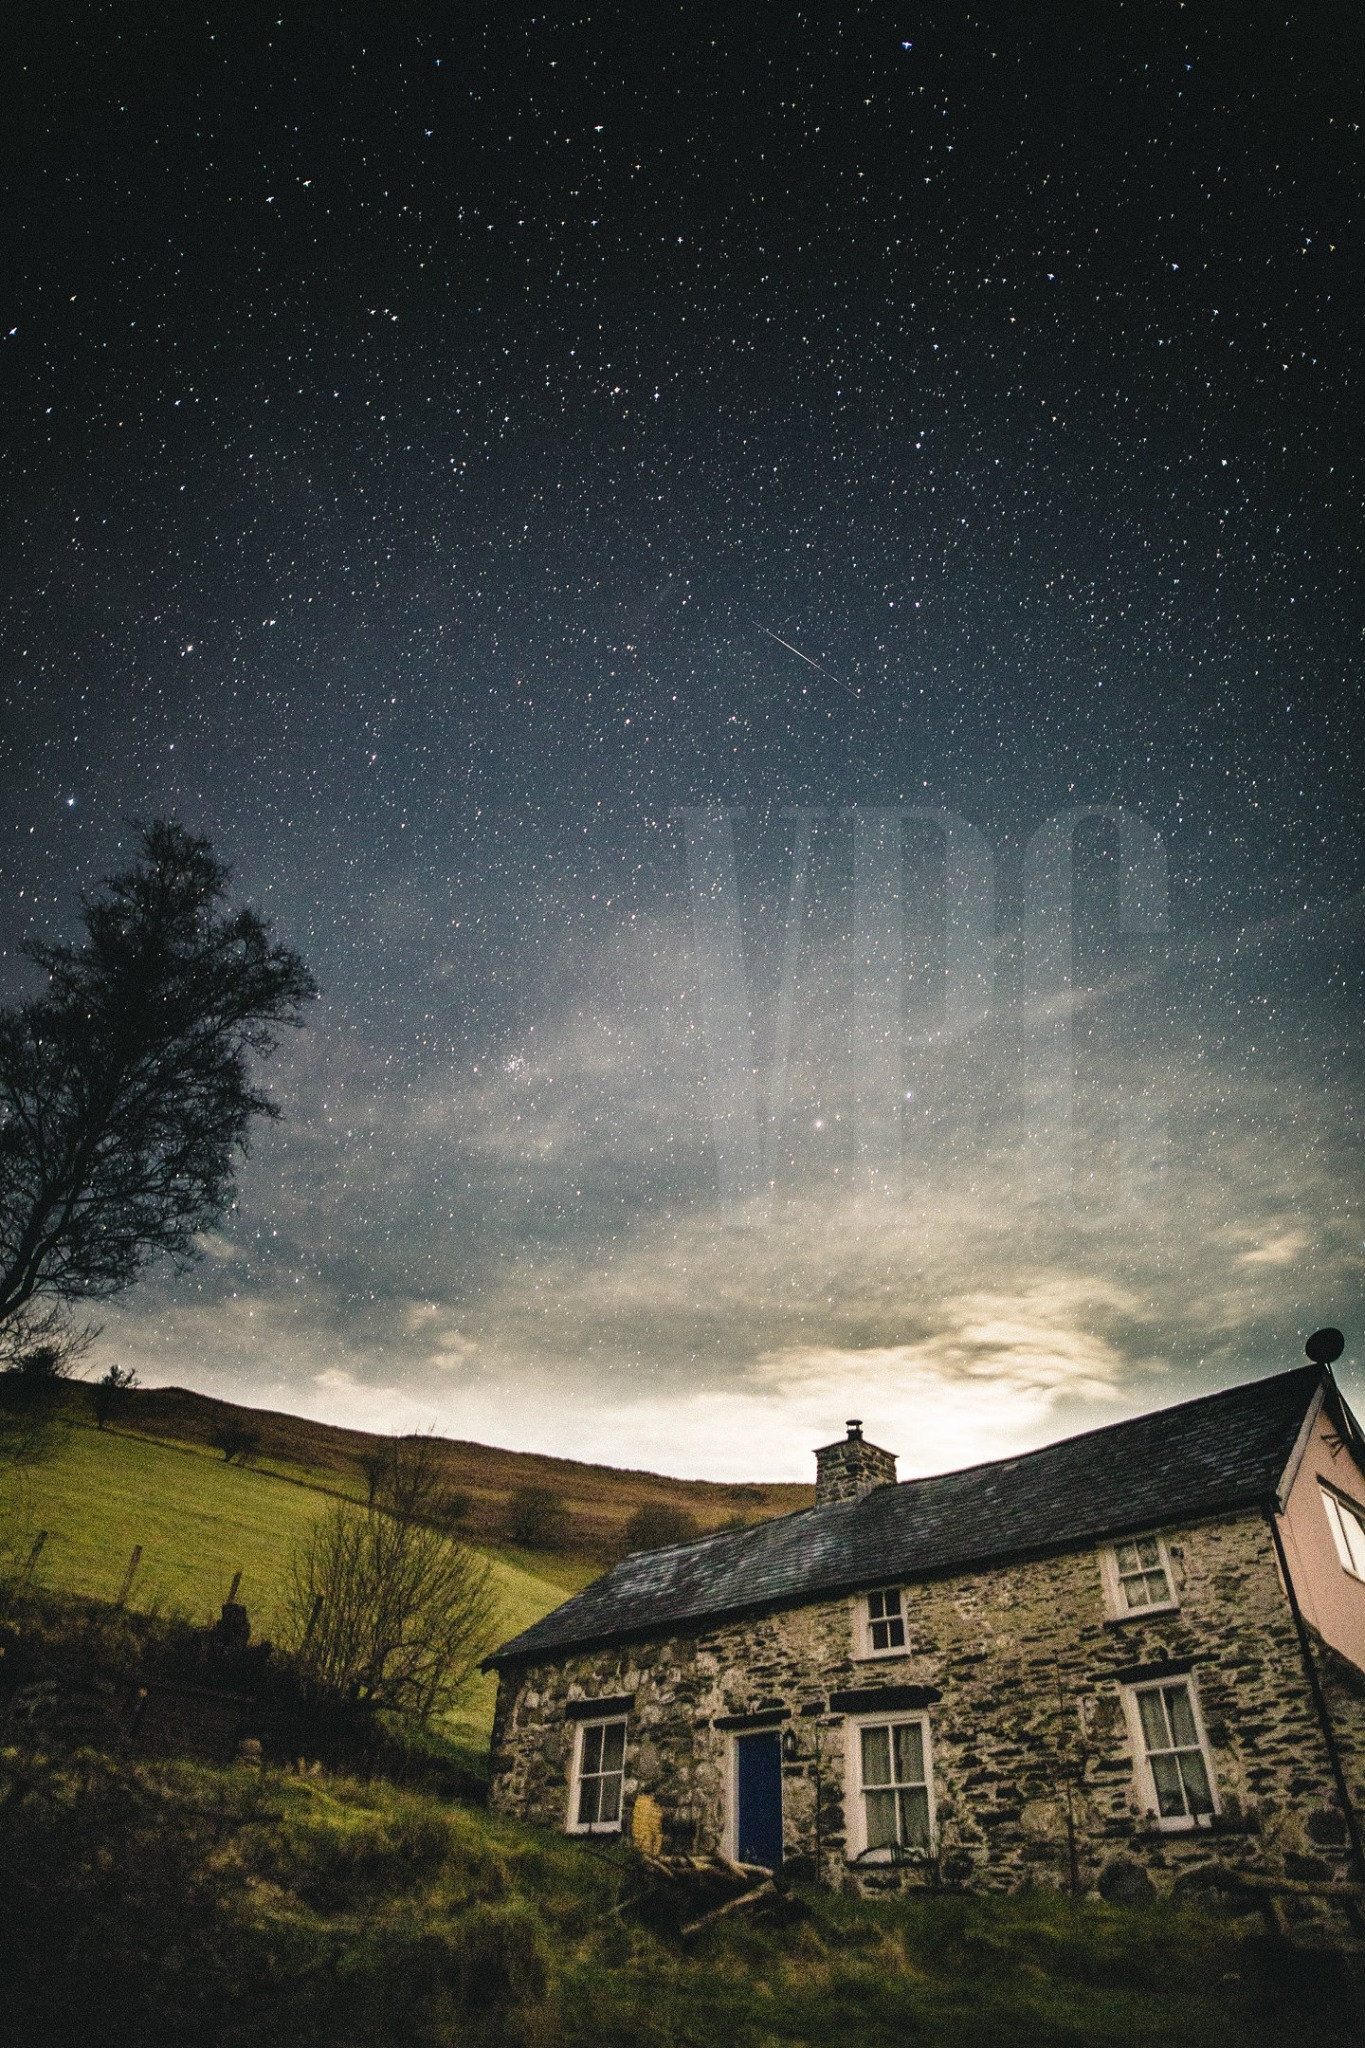 Bron Yr Aur - Led Zeppelin - Wales